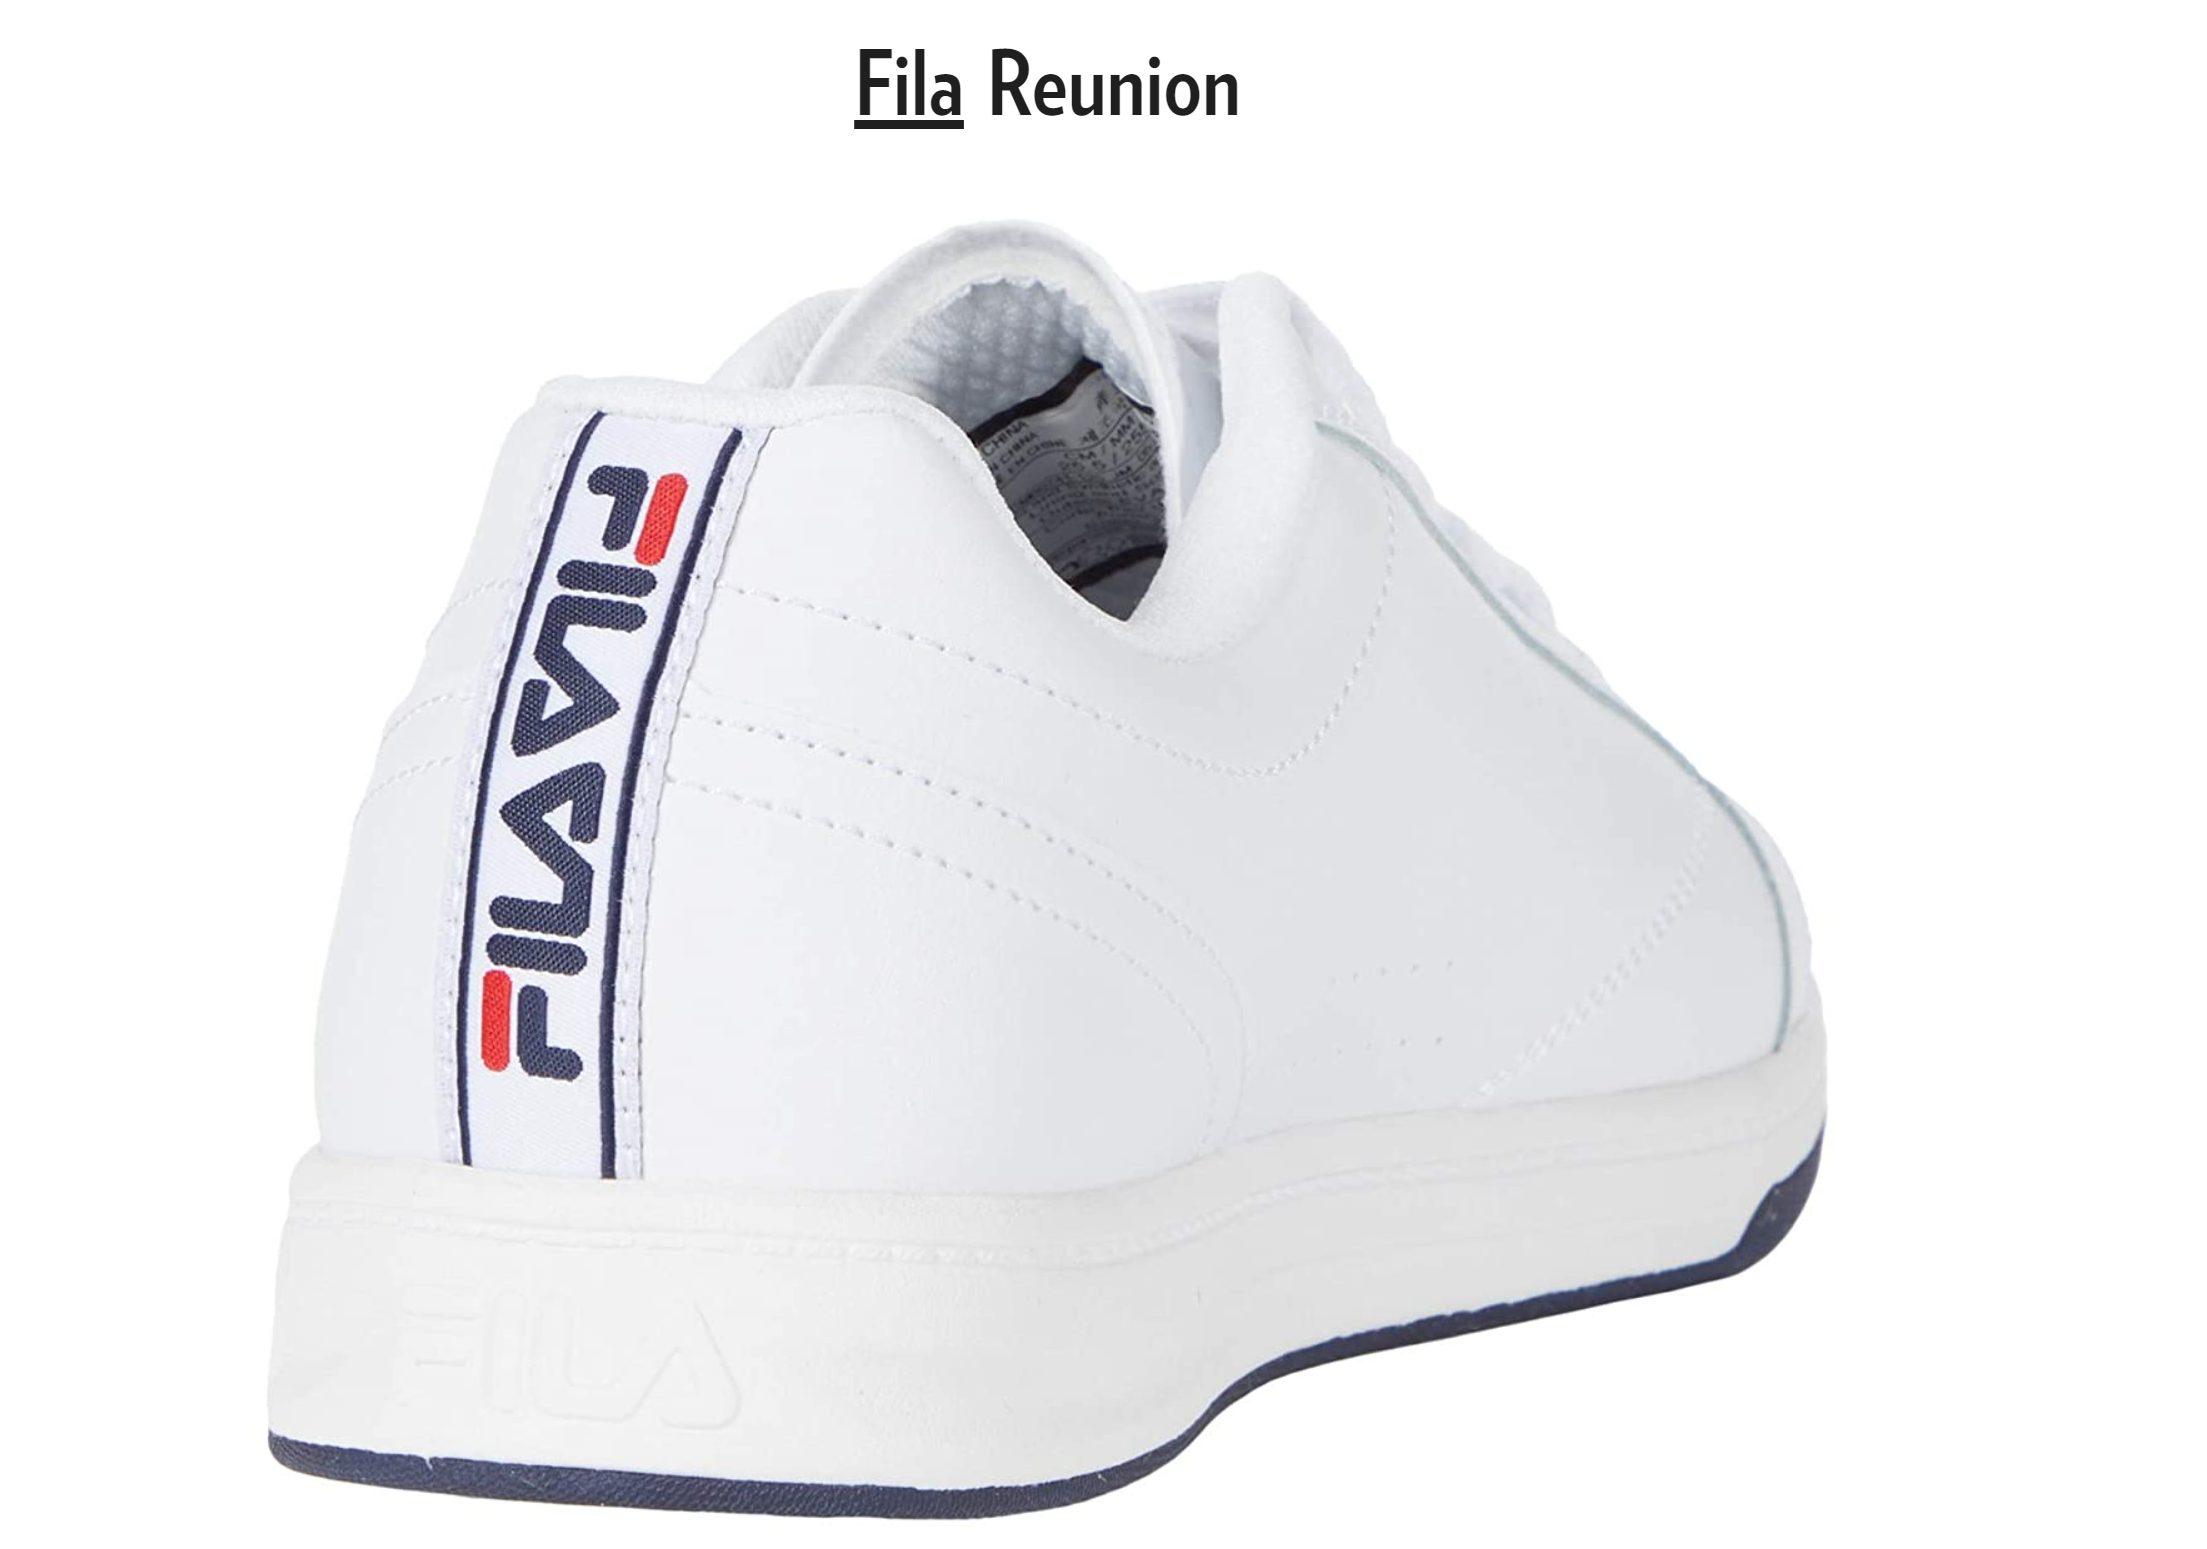 Dịch vụ đặt hàng và vận chuyển giày thể thao từ Mỹ